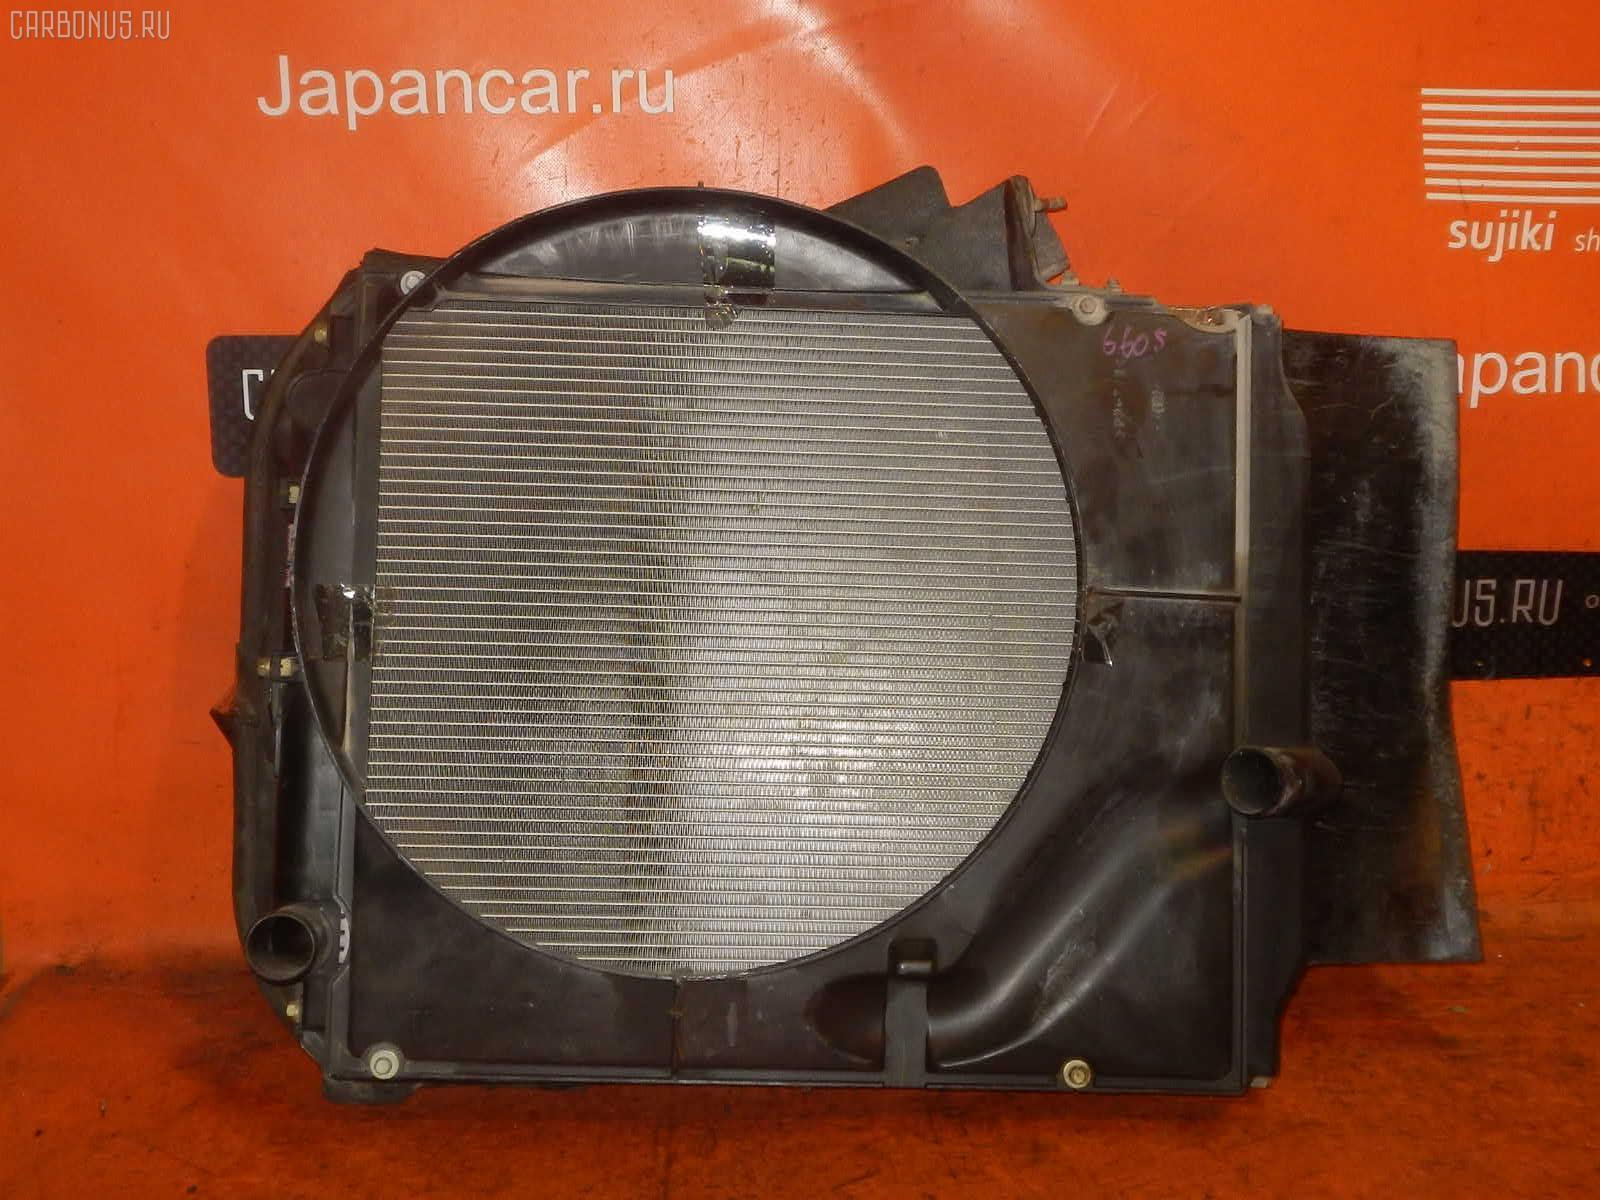 Радиатор ДВС HINO DUTRO XZU351I S05D Фото 1